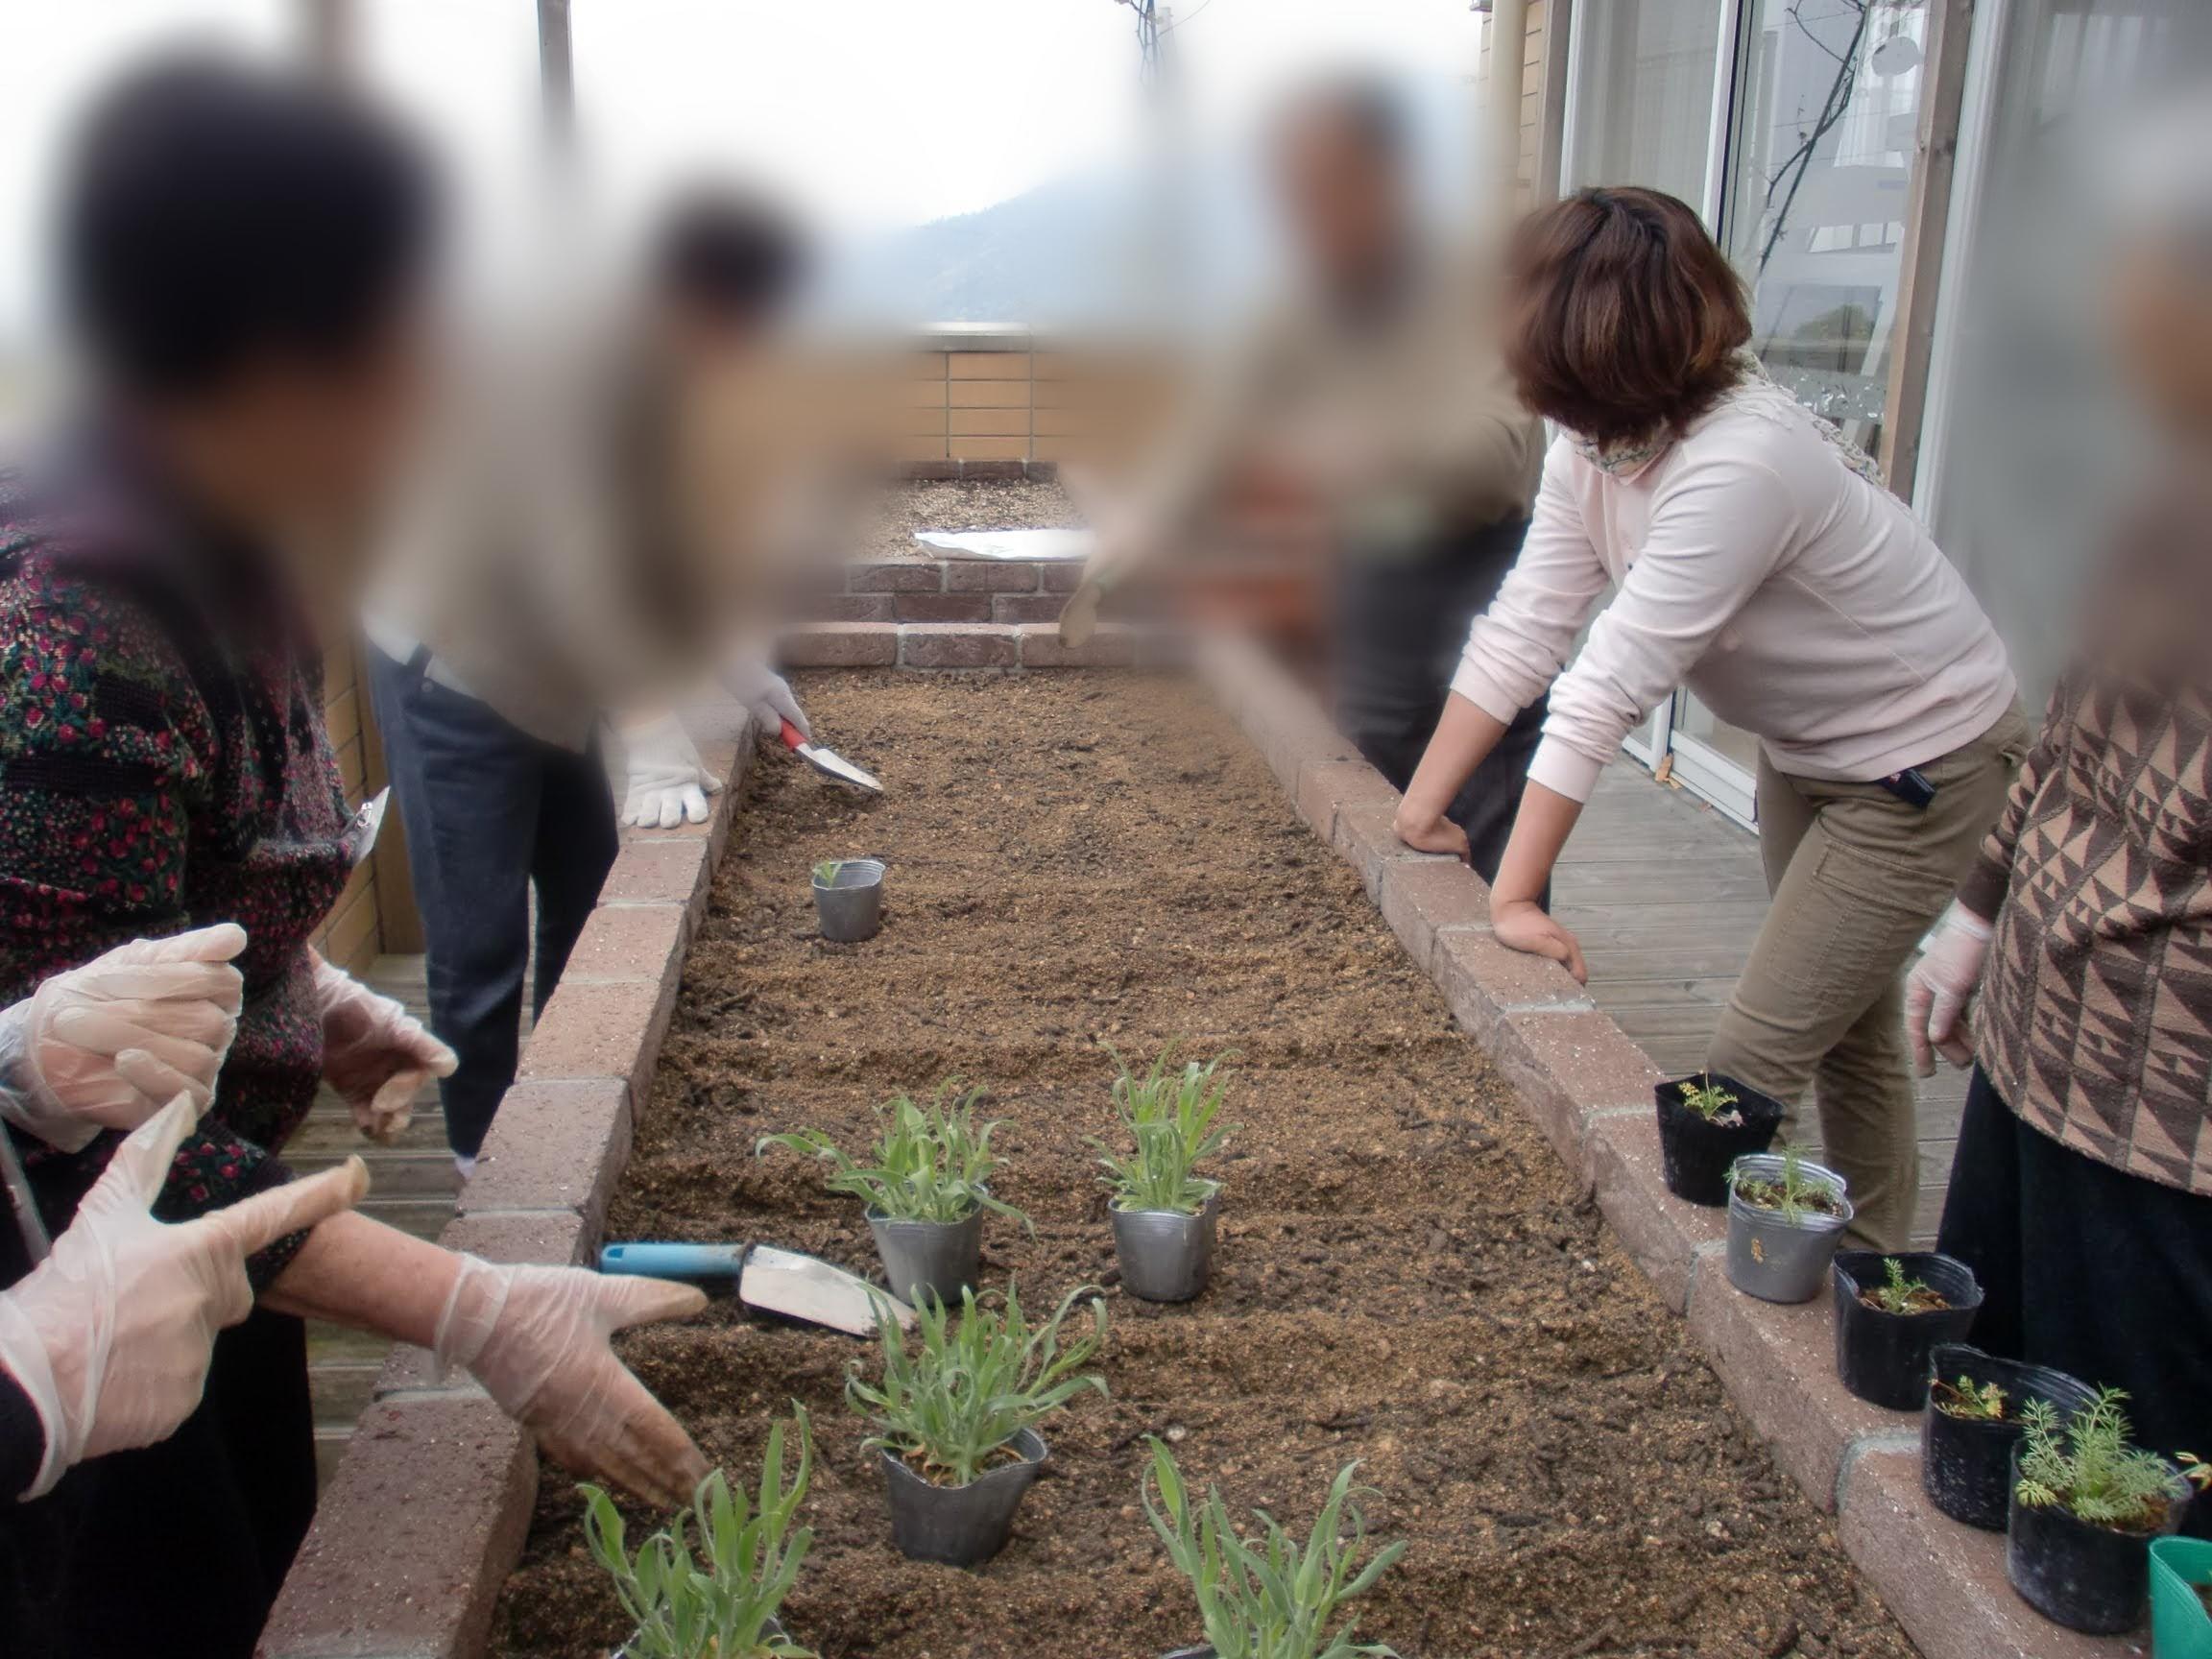 園芸療法とガーデンセラピーの違いは?結局は・・・